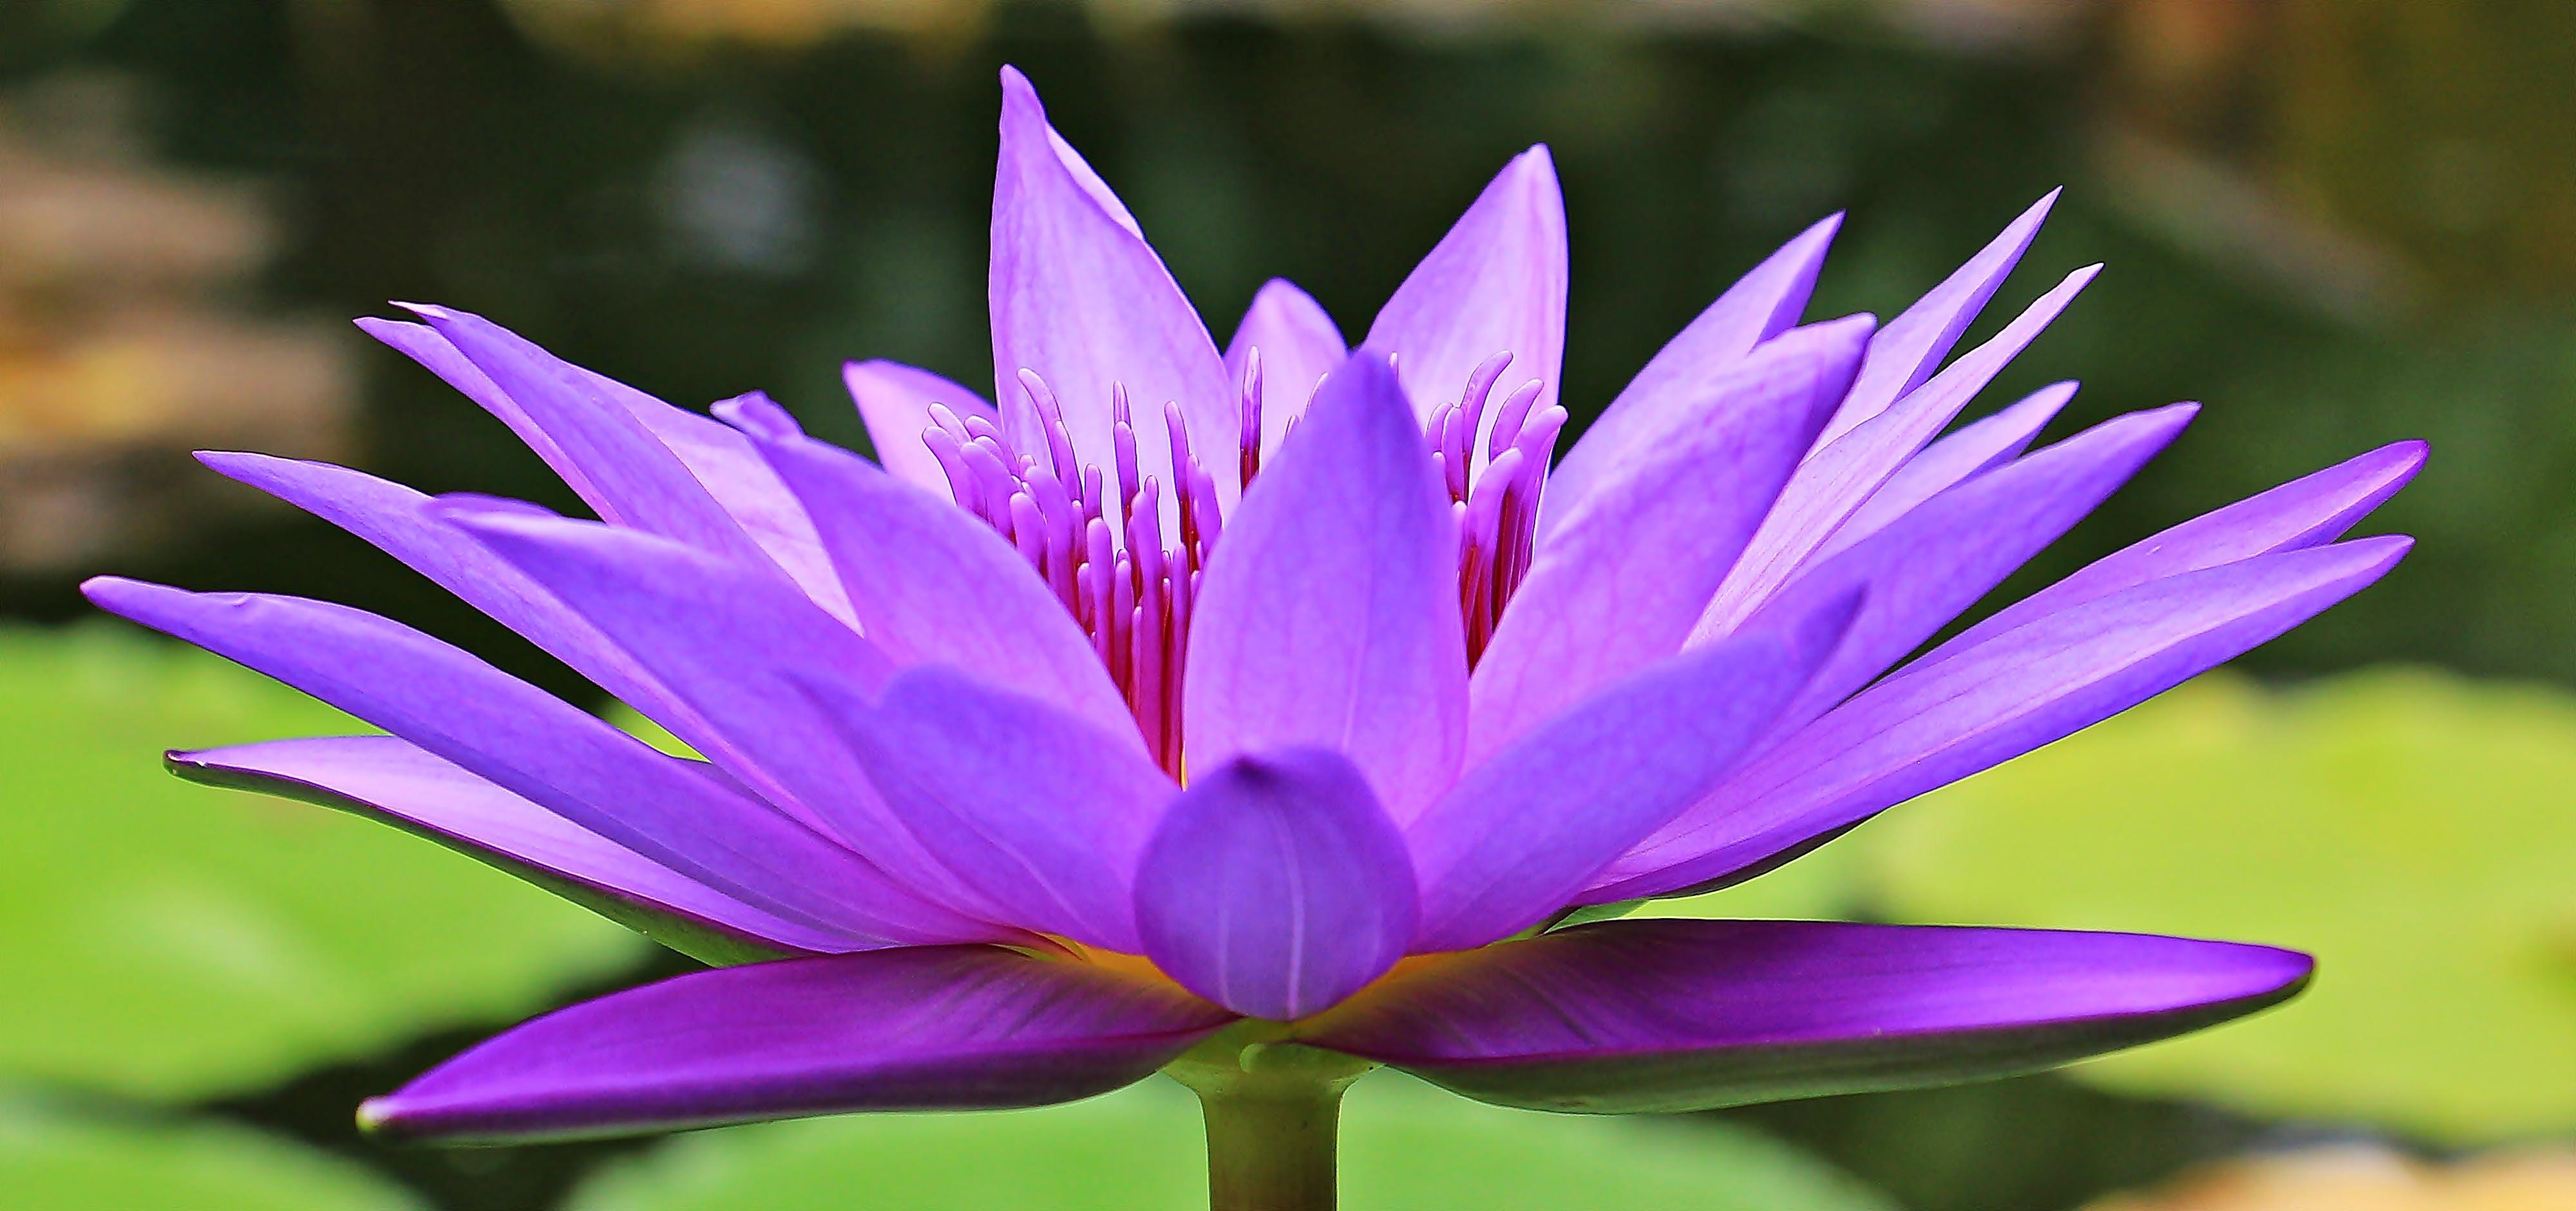 bonito, color, flor